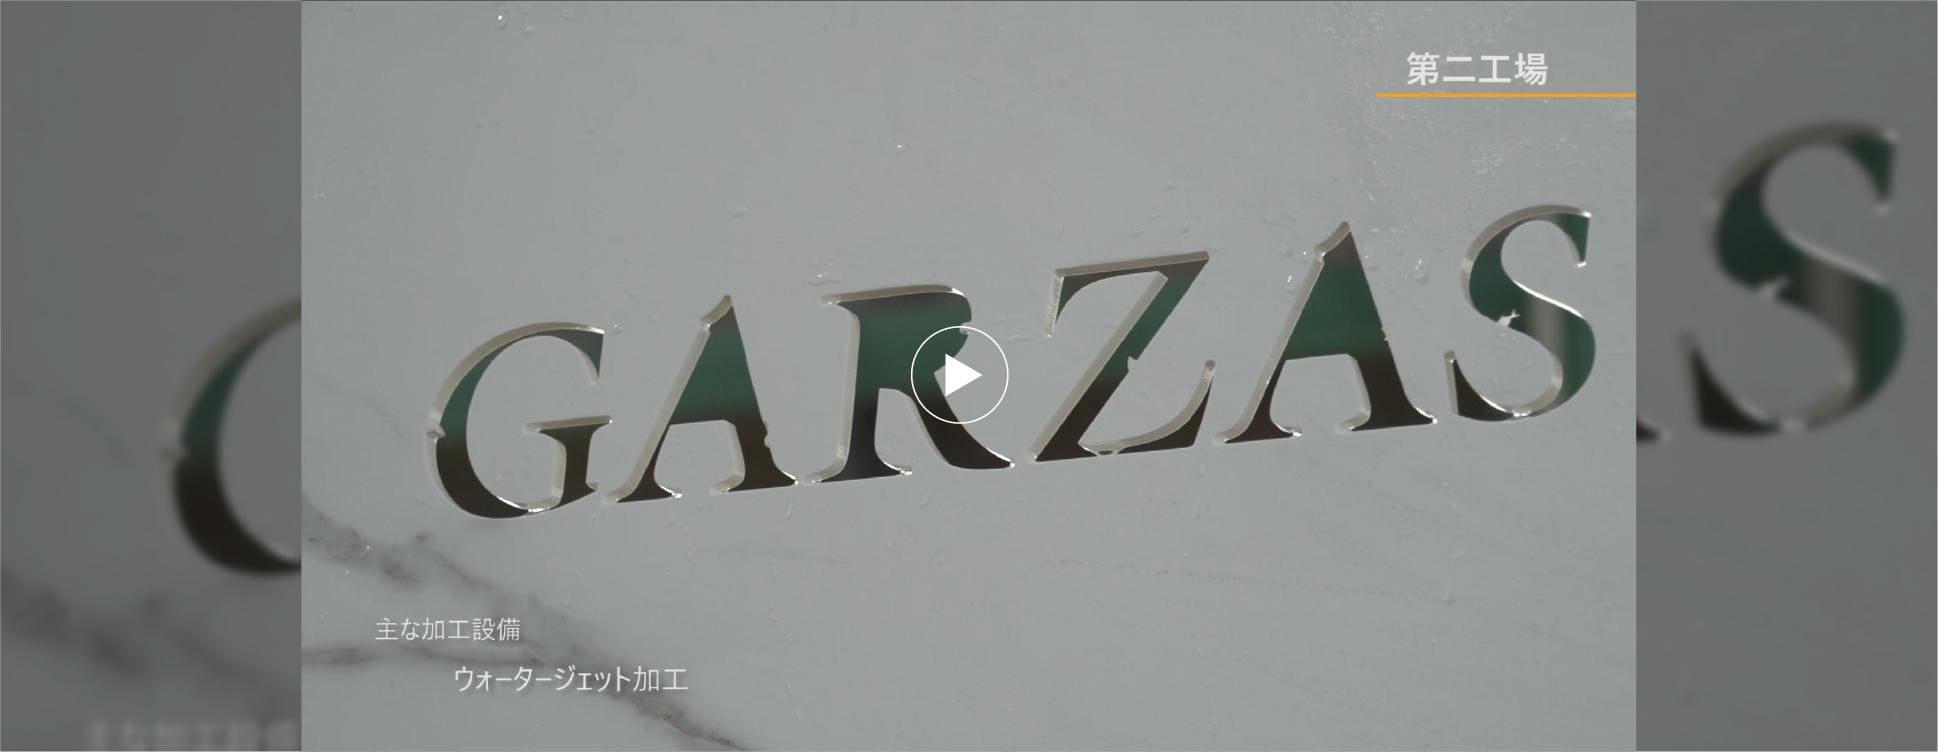 GARZAS